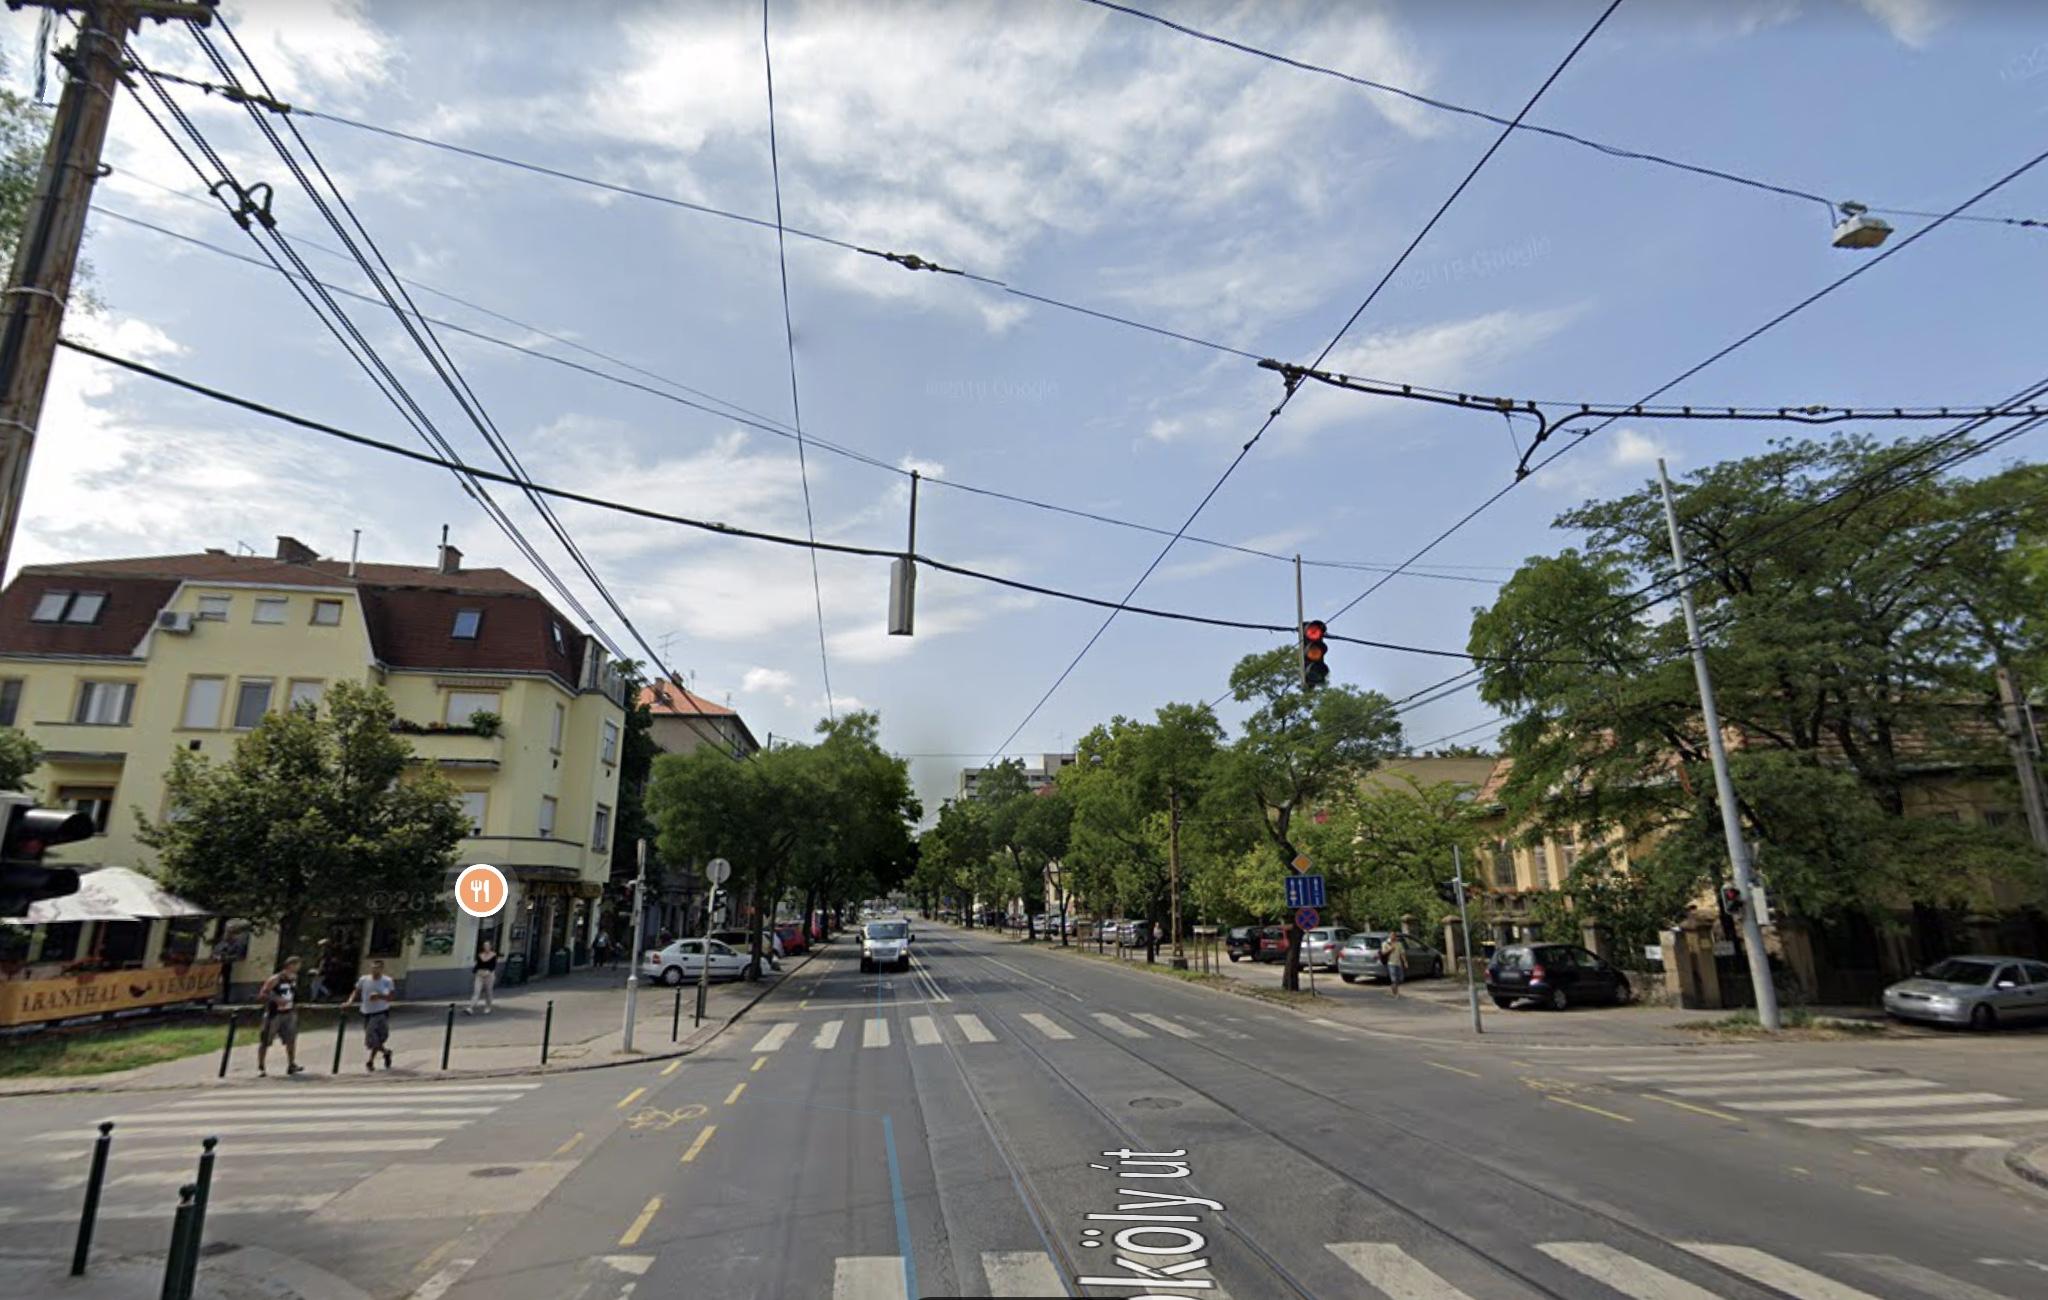 XIV.ker, Thököly út, 2.000 M2, 60 Szobás Hotel,,hostel, kollégium,Teljesen Berendezve, Gépesìtve, Kiadò